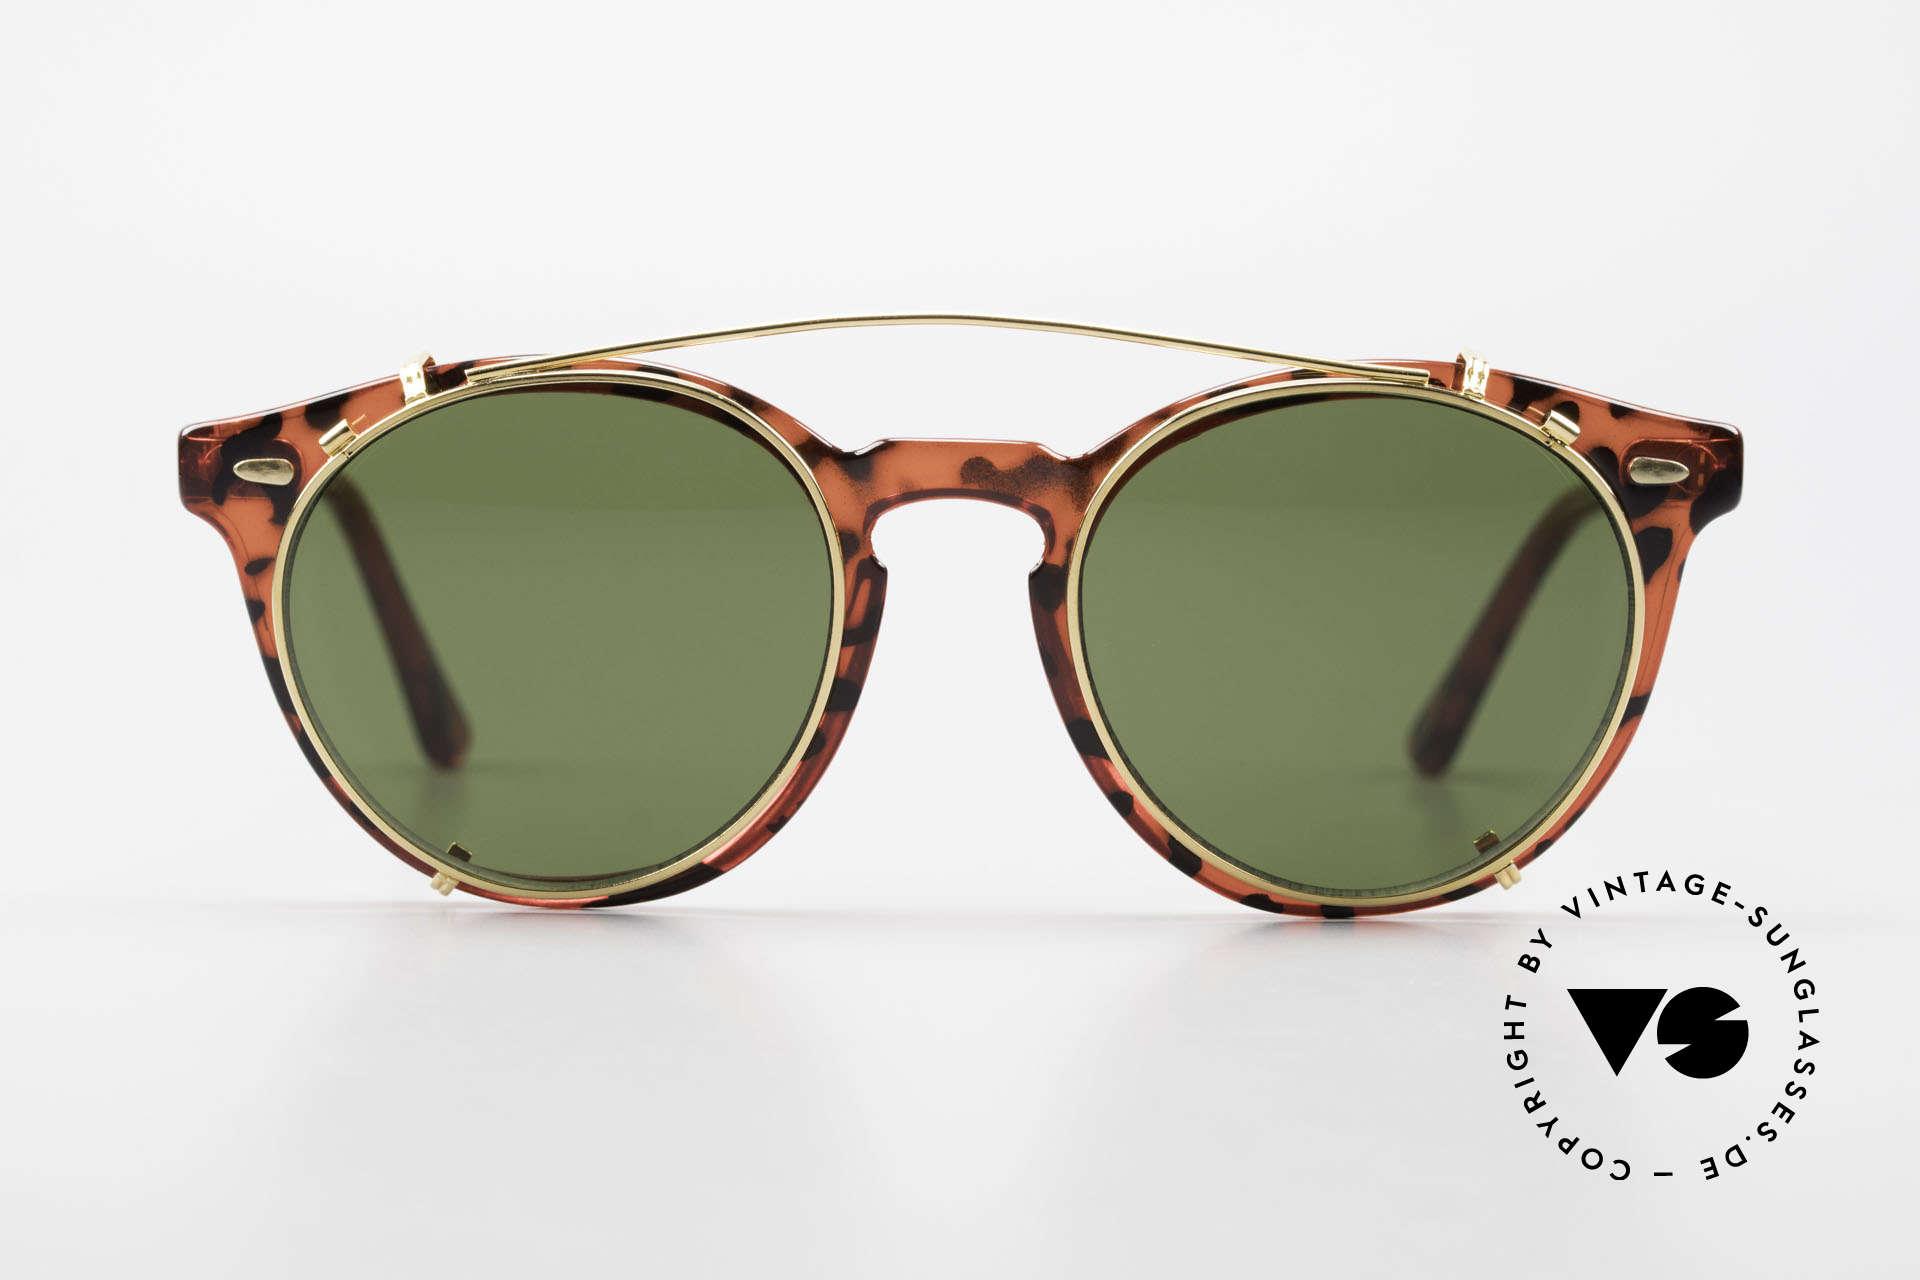 Carrera 5256 Clip Panto Brille Johnny Depp Stil, mehr 'klassisch' in Farbe & Form geht eigentlich nicht, Passend für Herren und Damen